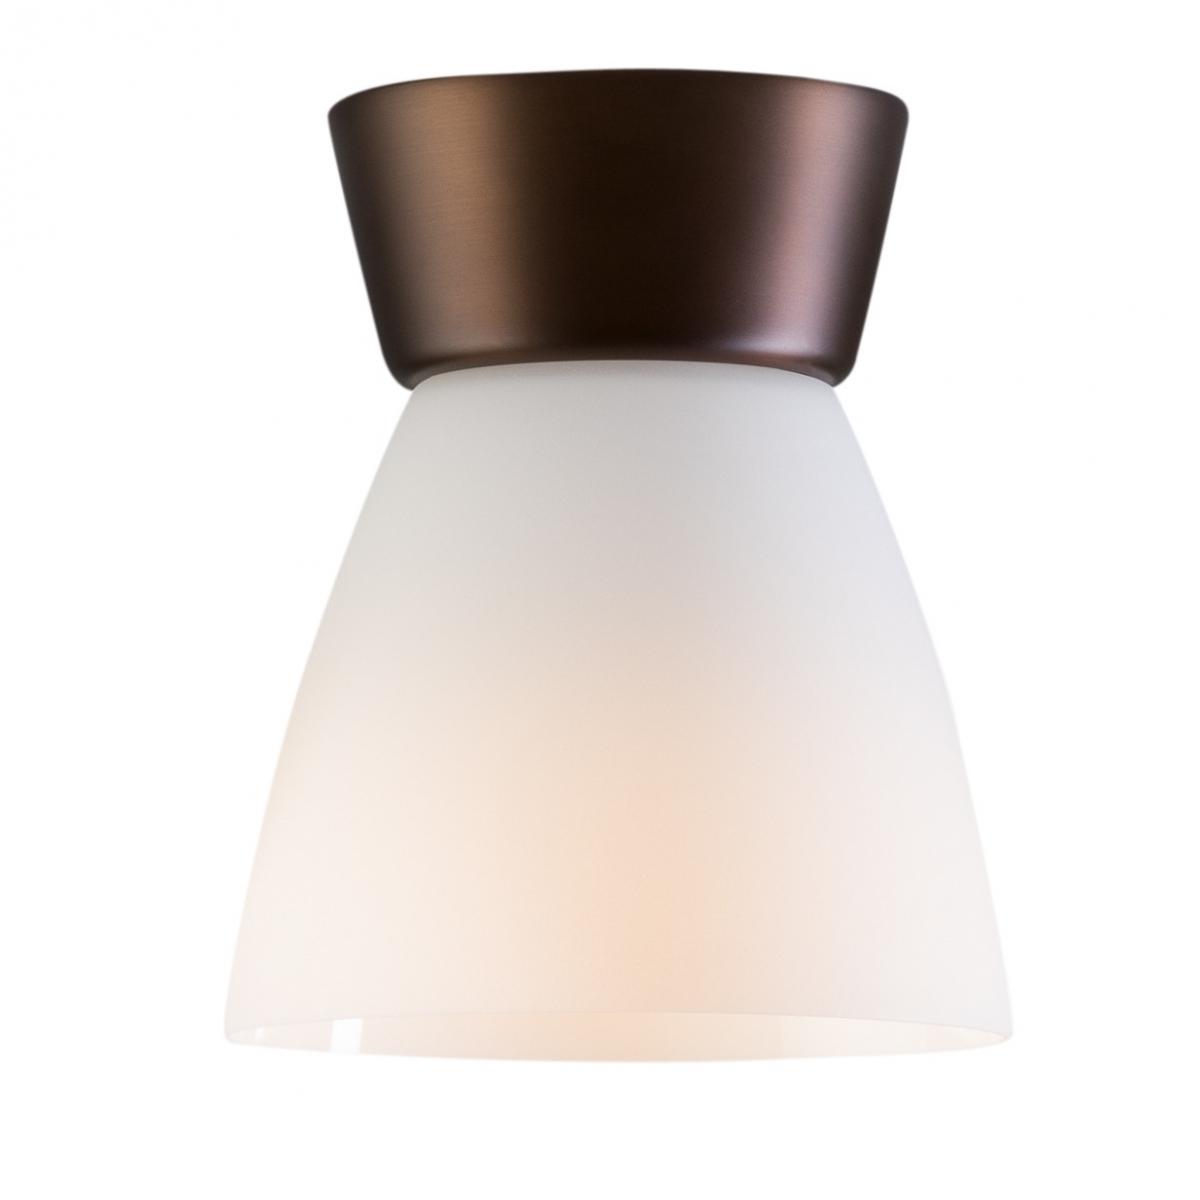 Full Size of Deckenlampe Skandinavisch Skandinavische Deckenlampen Wohnzimmer Modern Esstisch Für Schlafzimmer Küche Bad Bett Wohnzimmer Deckenlampe Skandinavisch